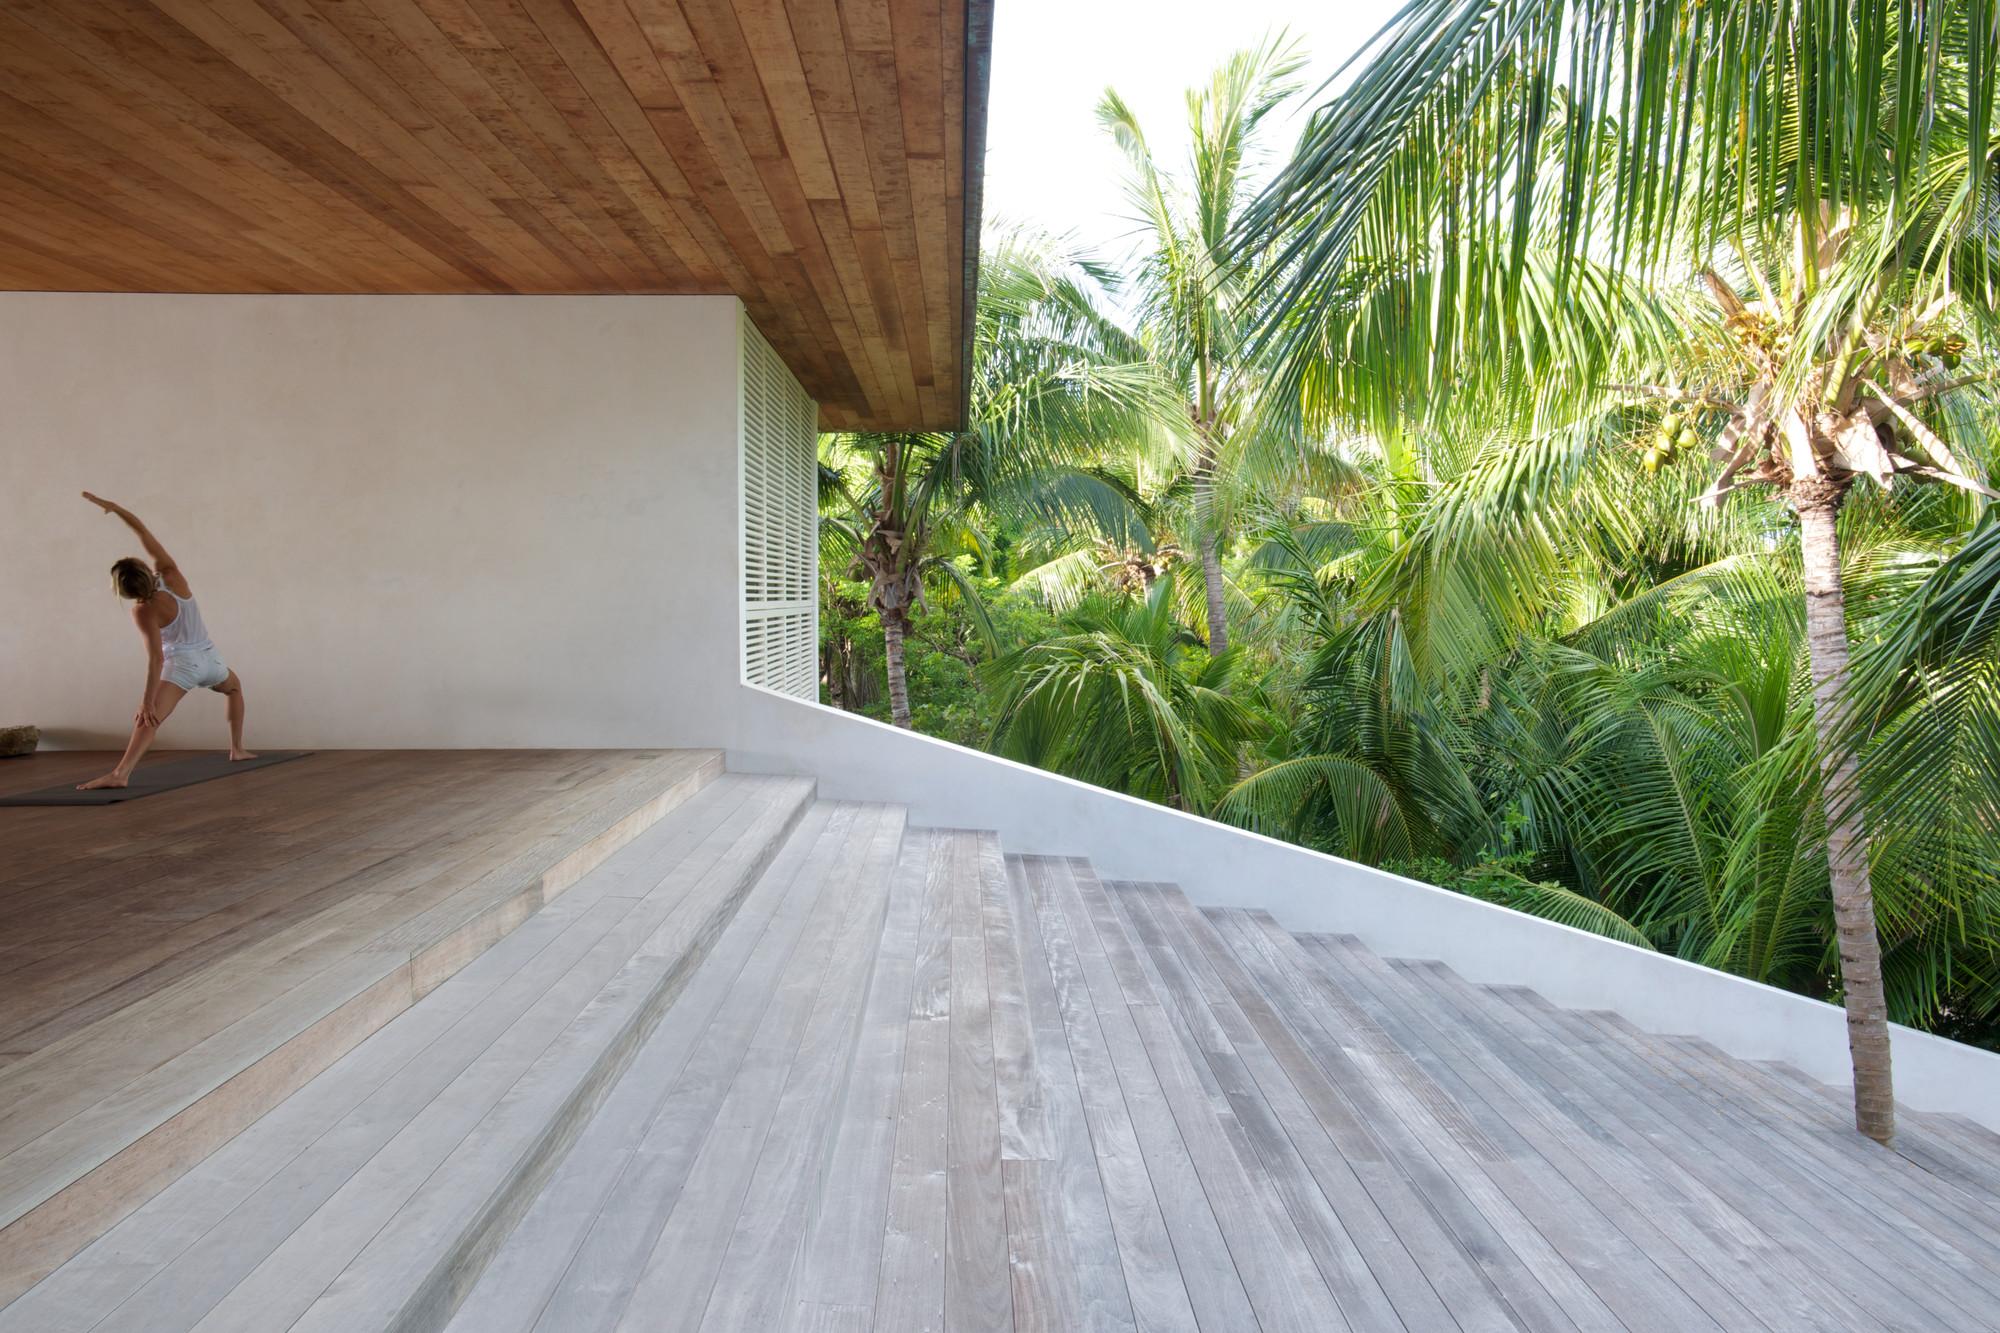 Casa en una duna / Oppenheim Architecture + Design, © Karen Fuchs